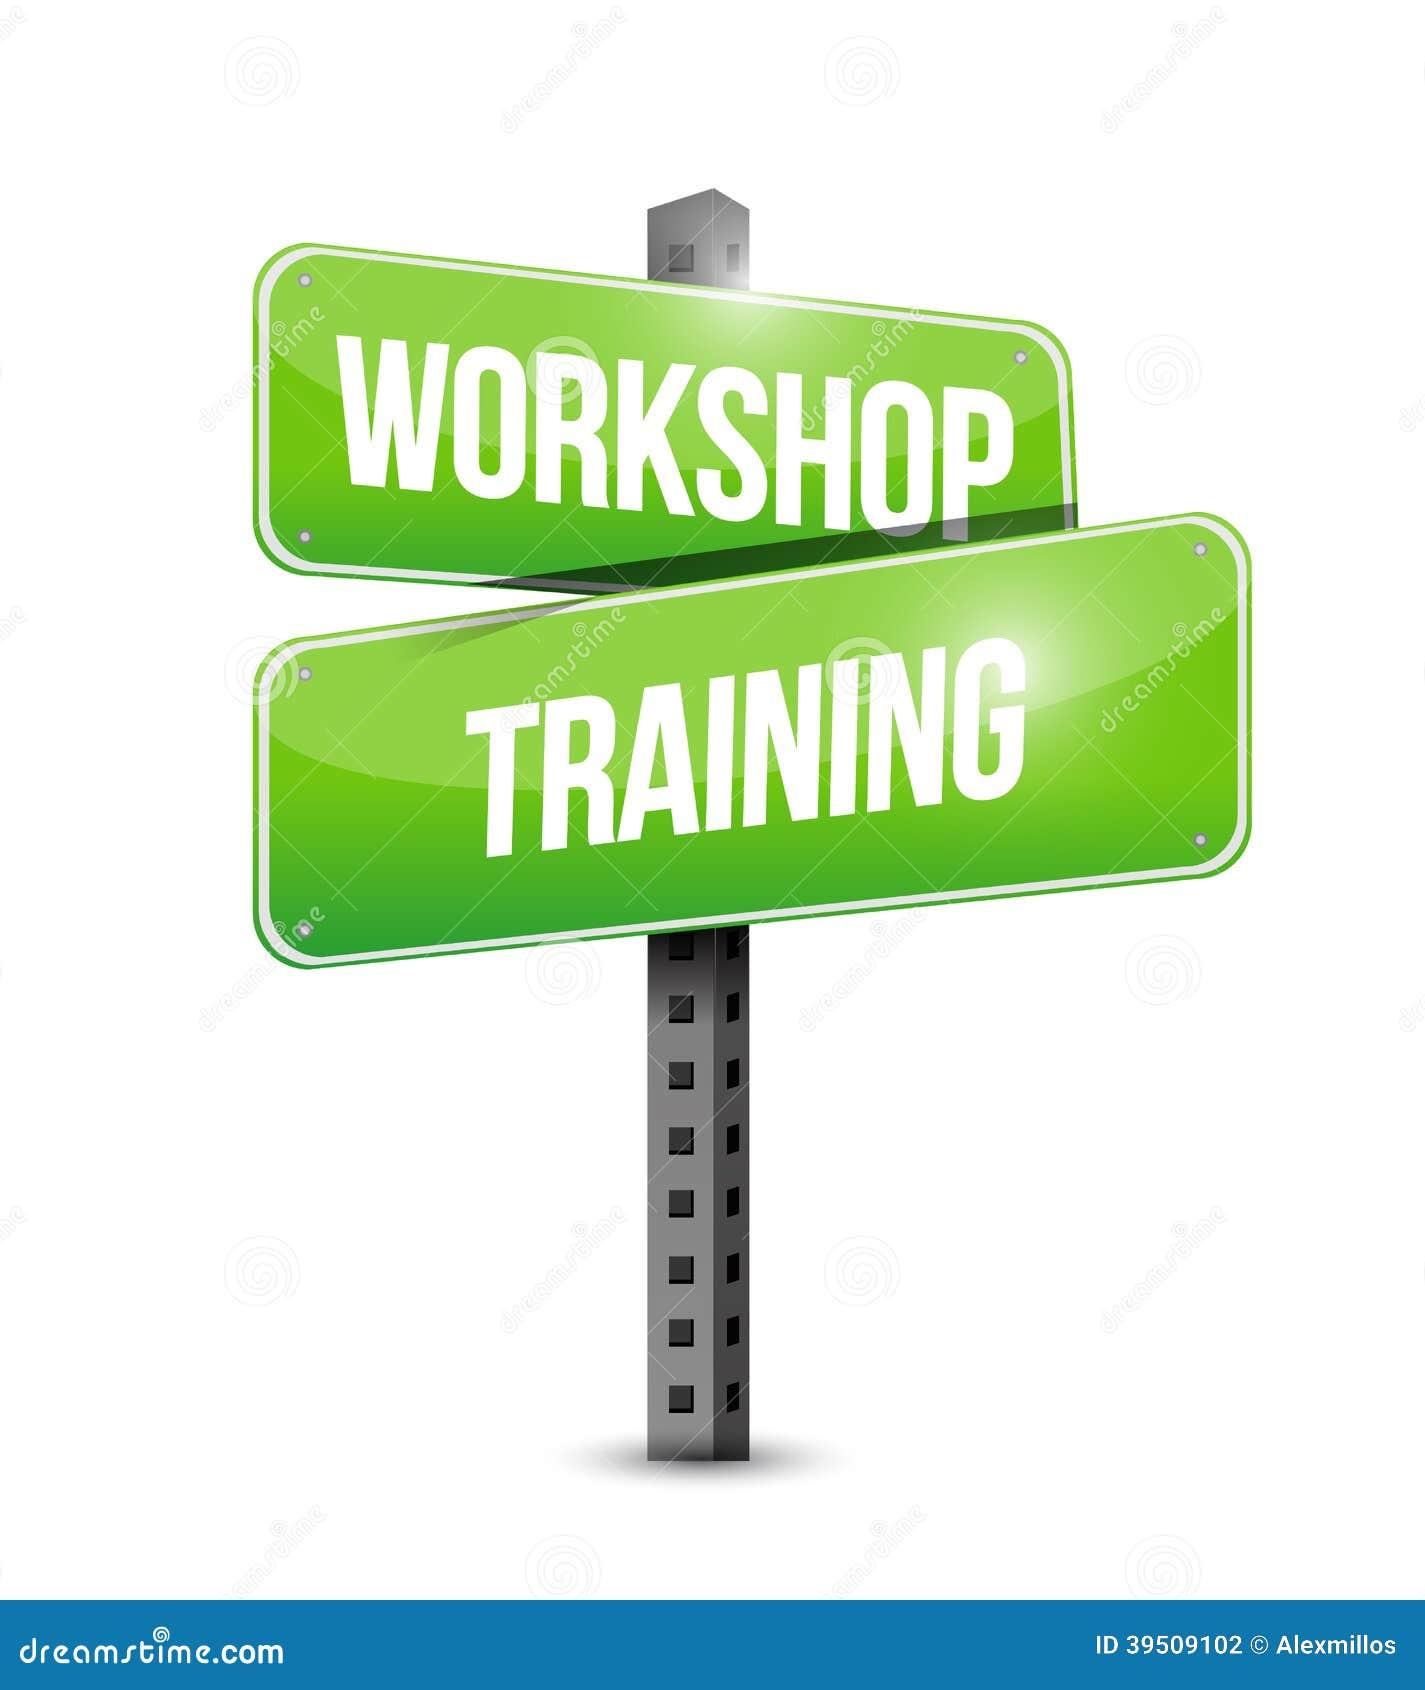 Workshop training street sign illustration design